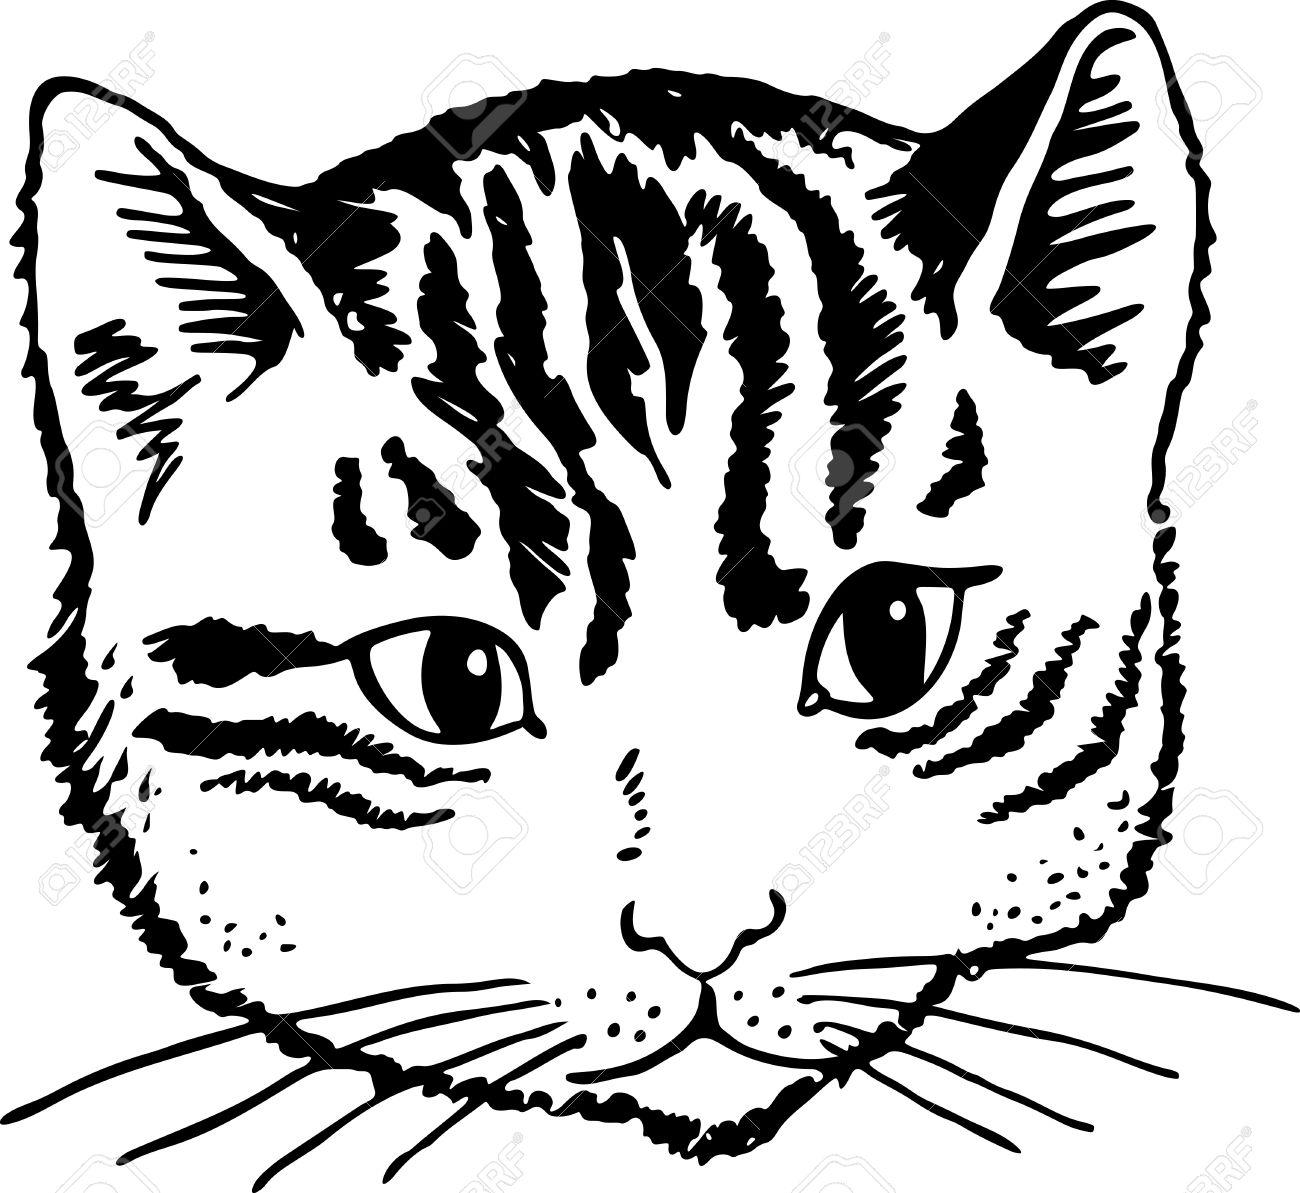 猫のかわいい顔のシンプルな黒と白のイラスト ロイヤリティーフリー